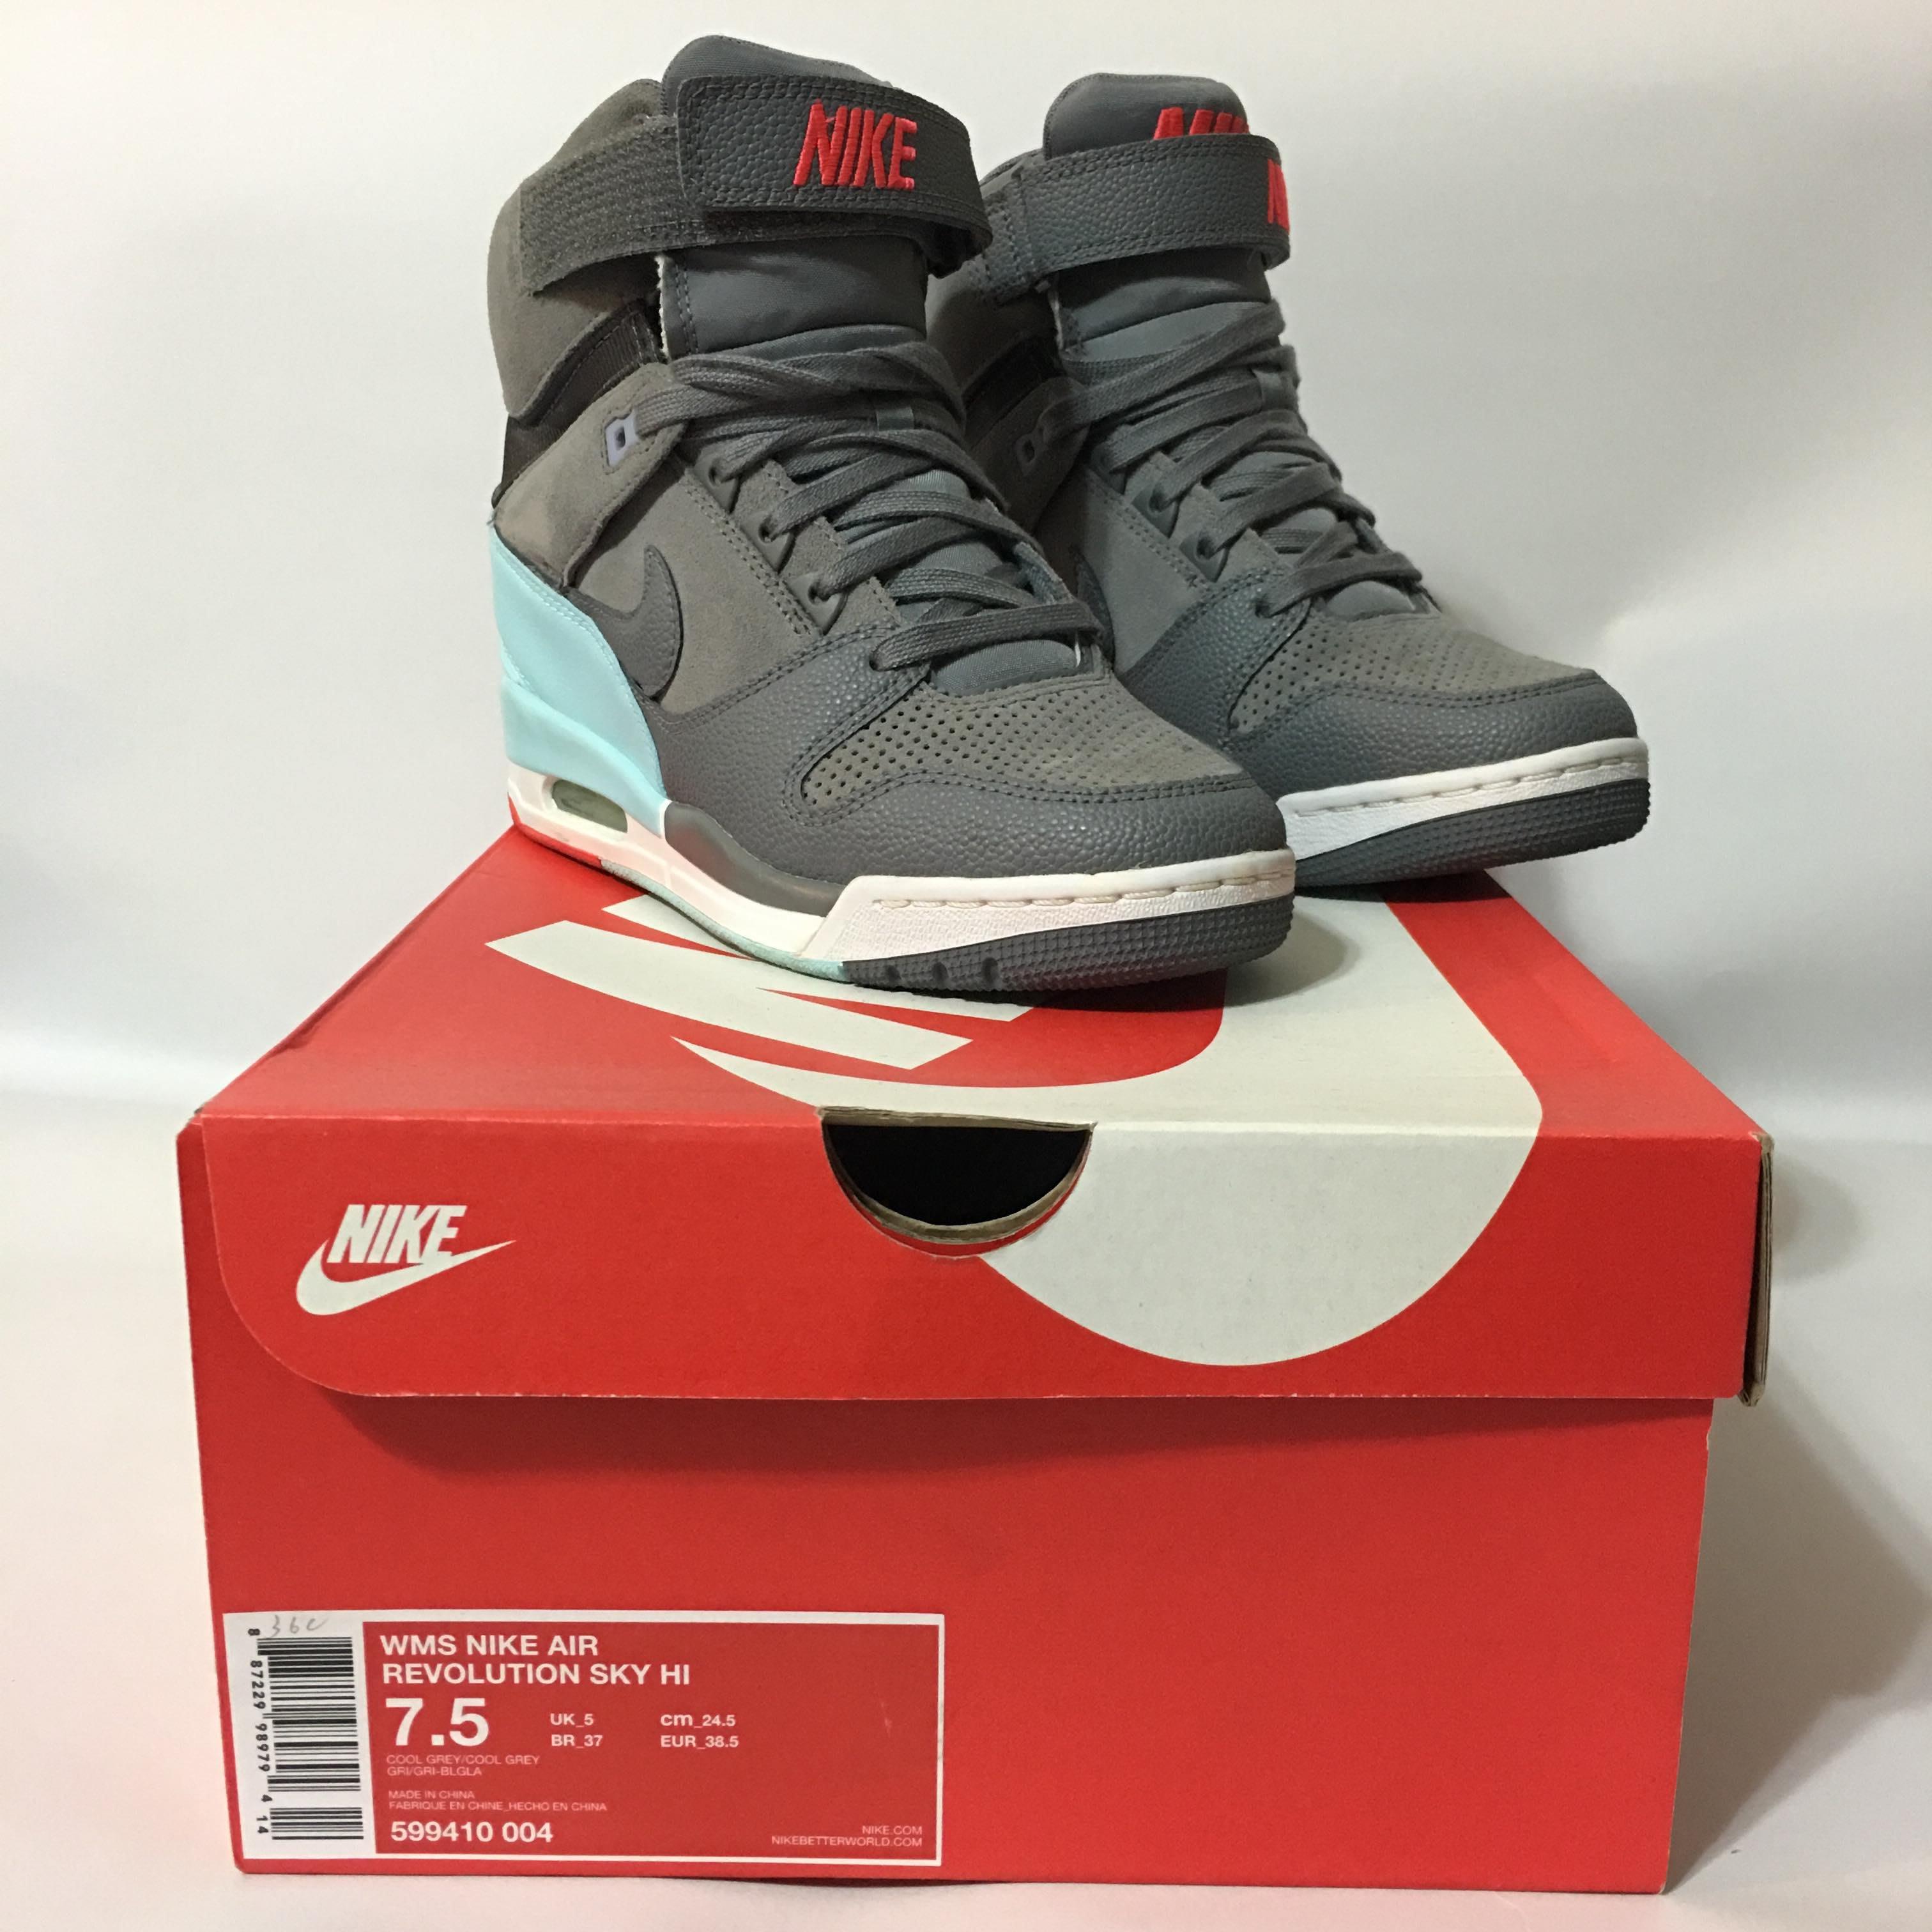 Nike WMNS Air Revolution Sky Hi US7.5